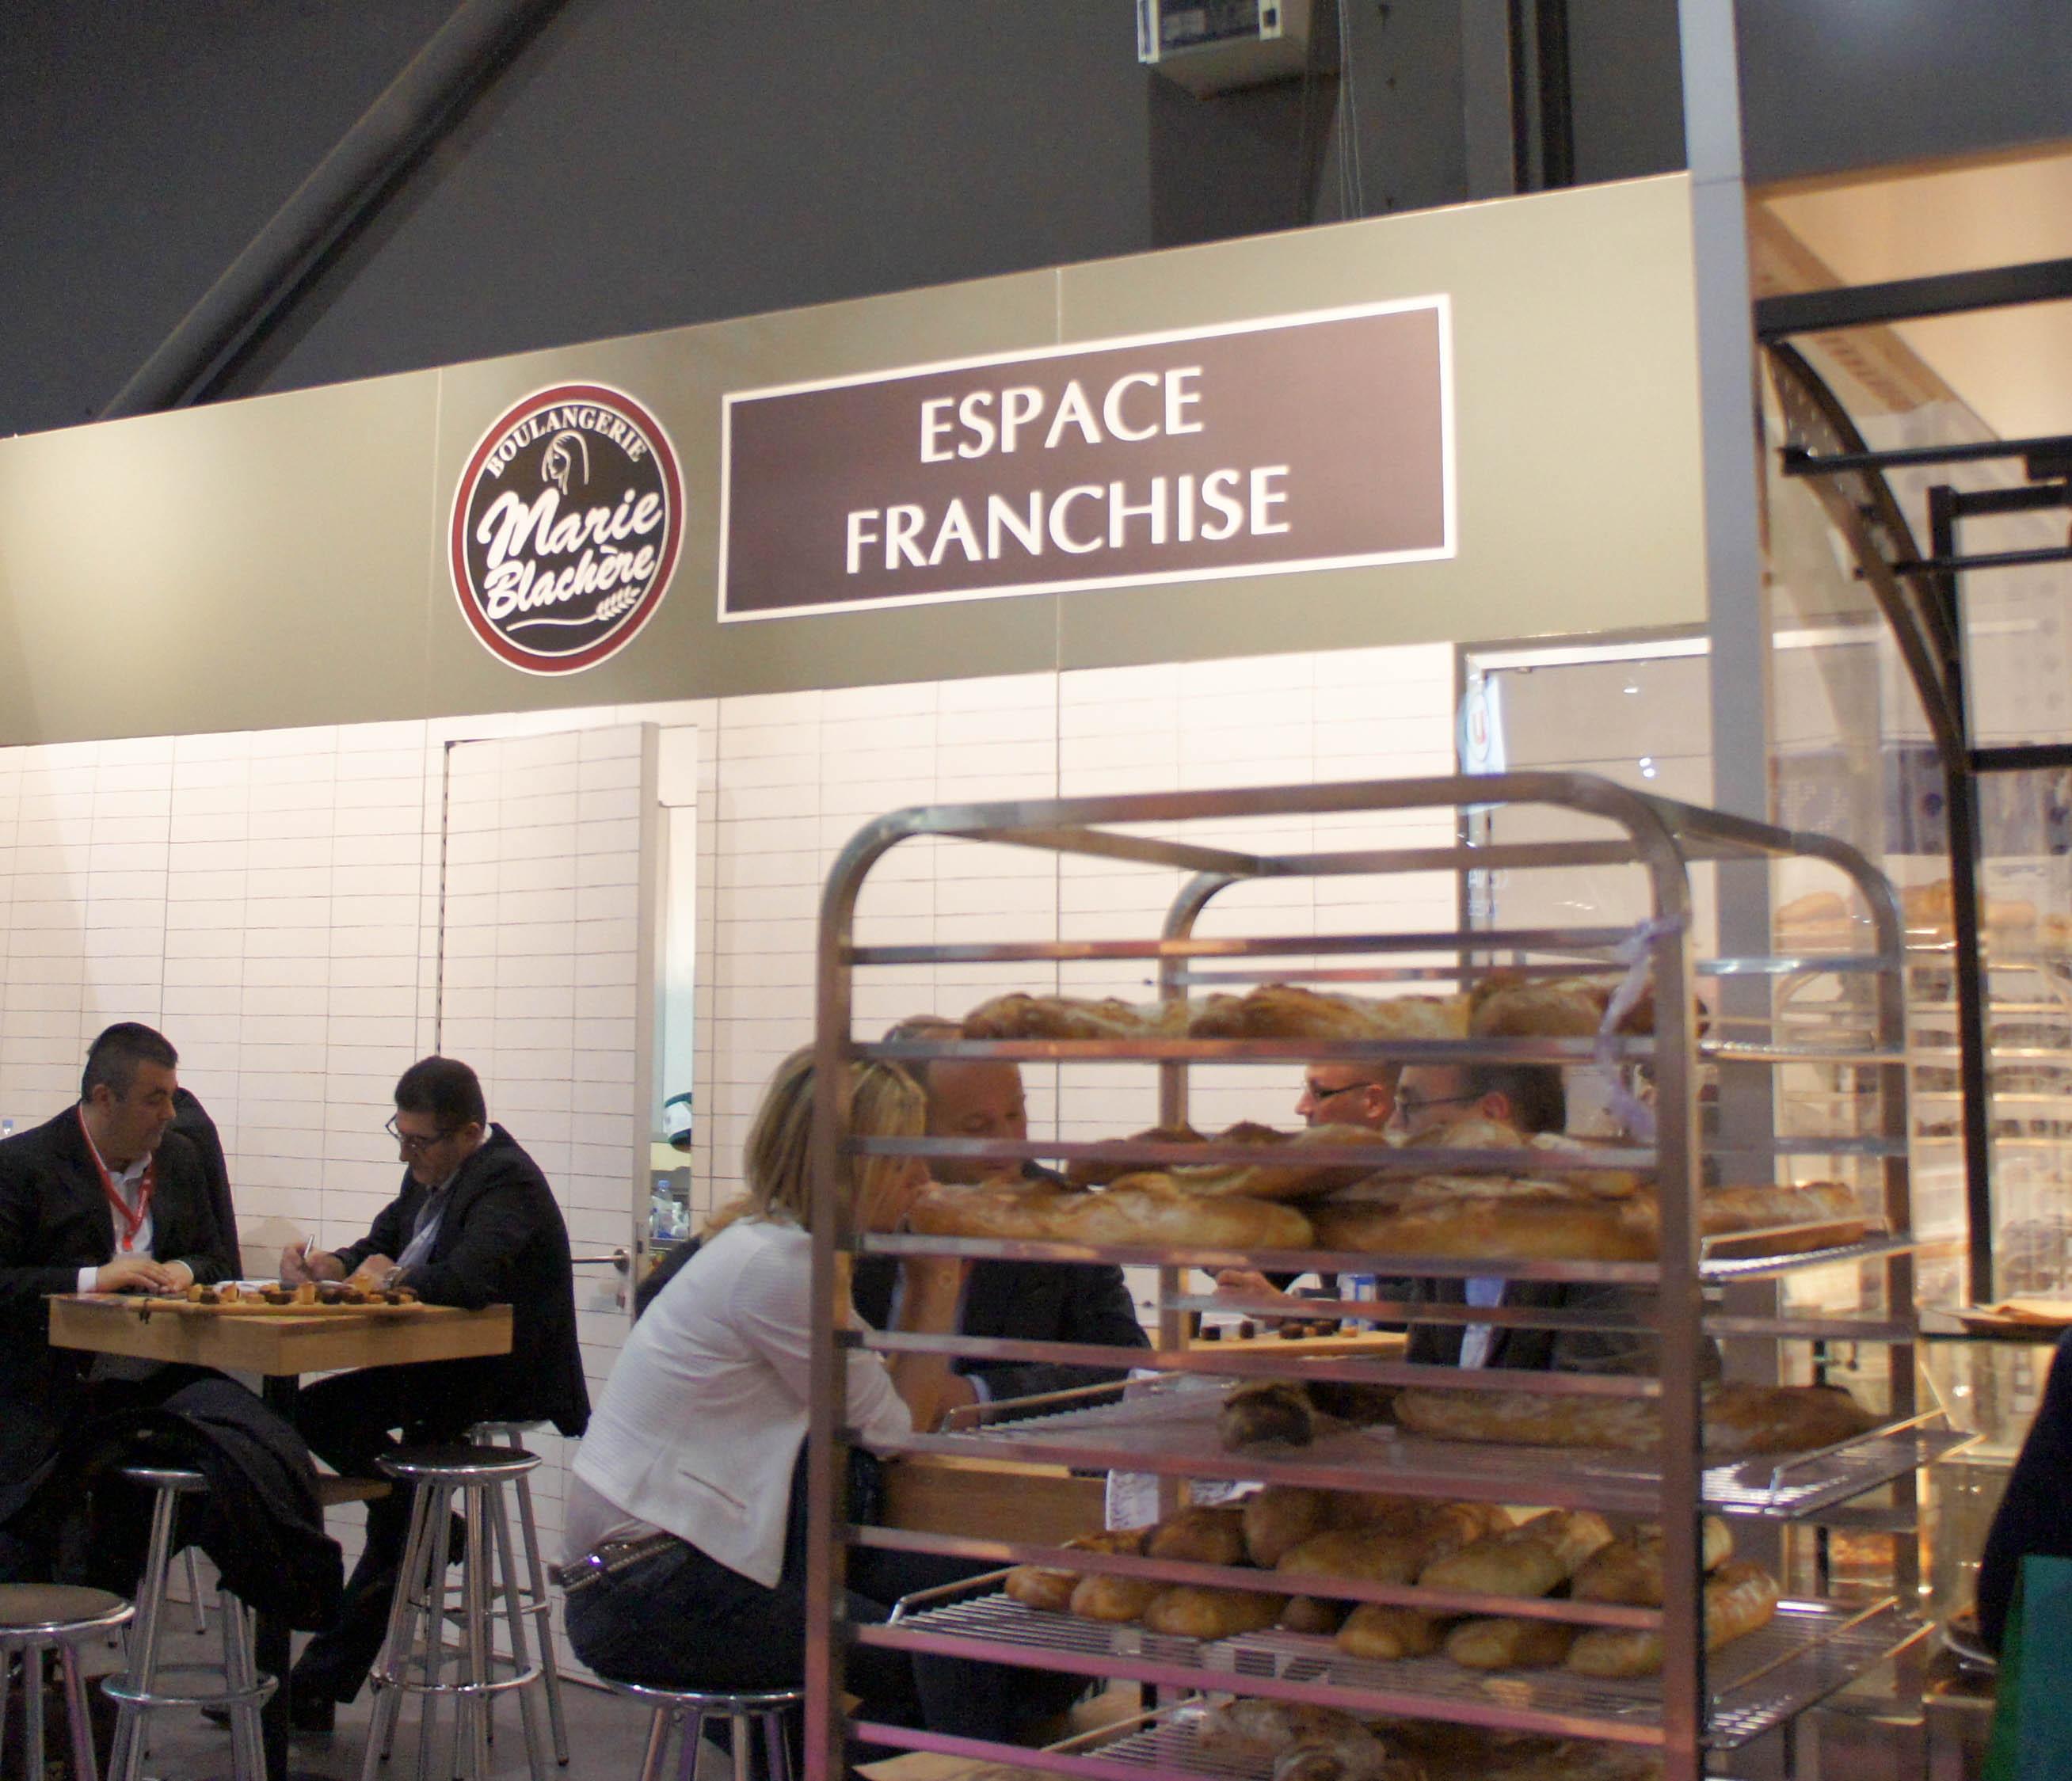 Espace franchise marie blach re painrisien for Salon de la franchise bordeaux